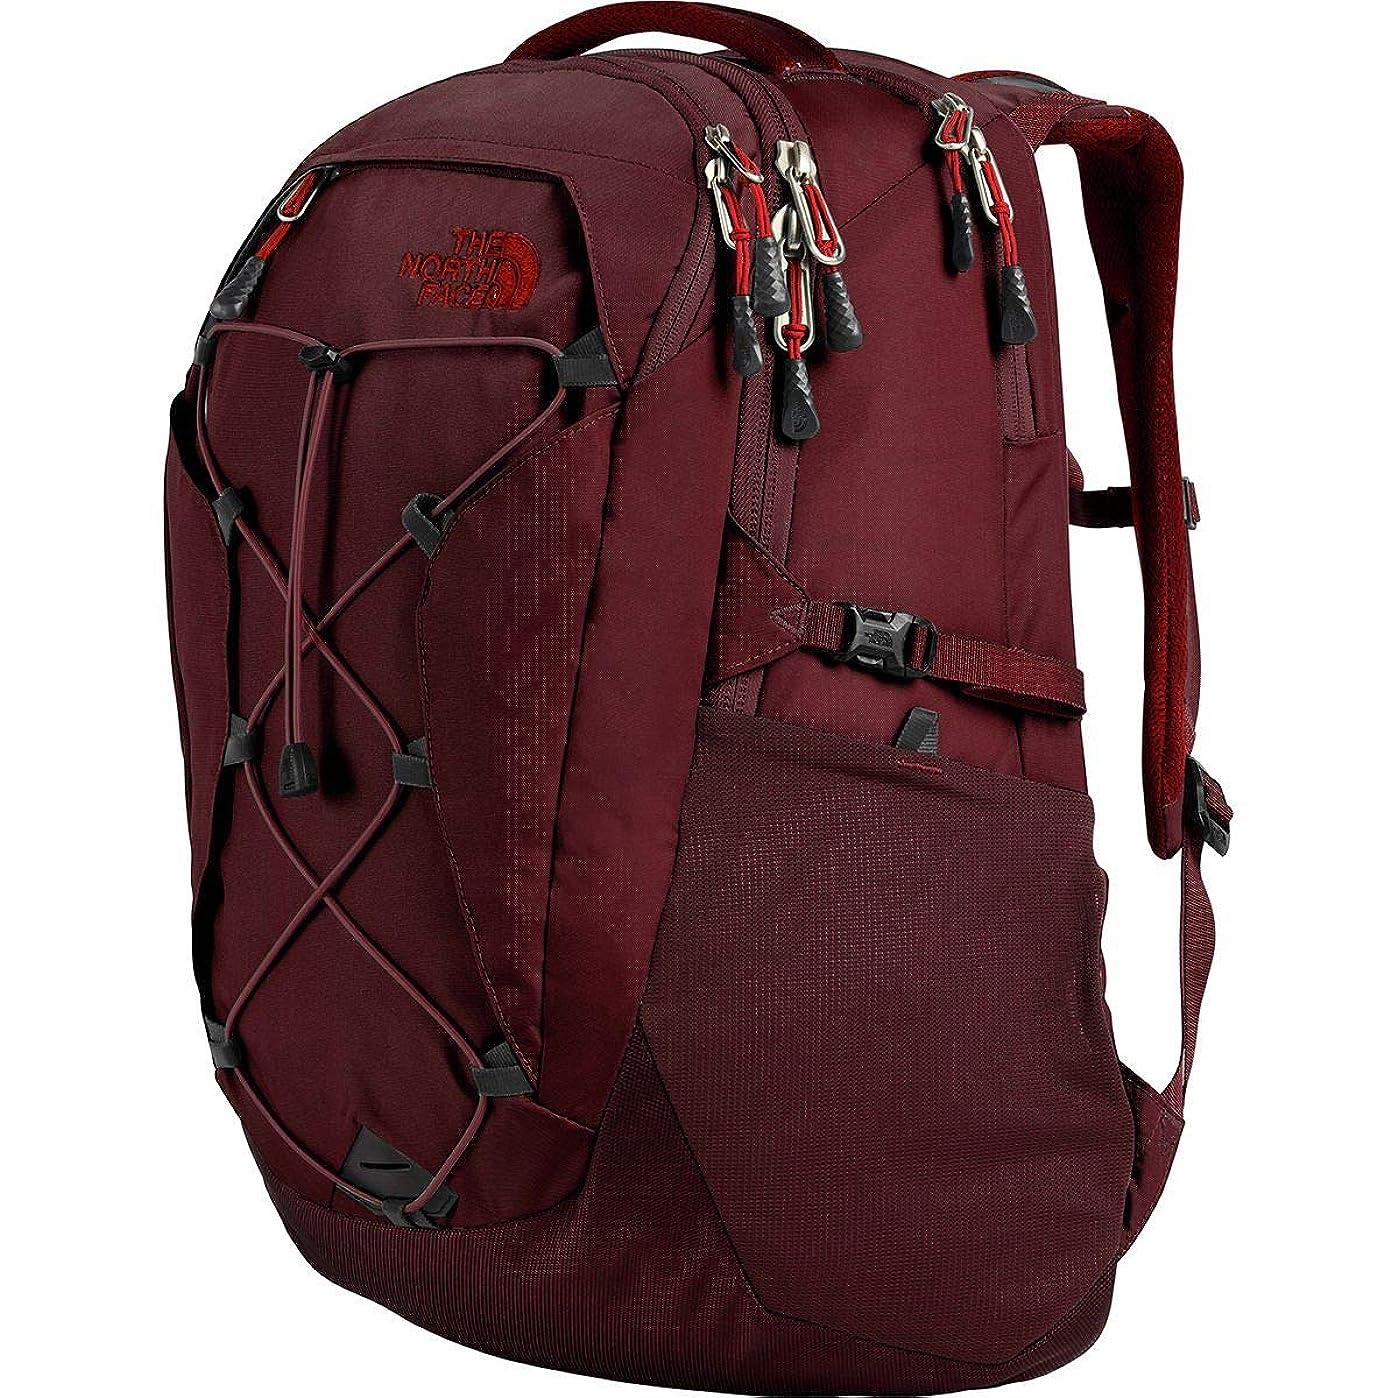 昇るおばさん提案[ノースフェイス] レディース ハンドバッグ Borealis 27L Backpack - Women's [並行輸入品]